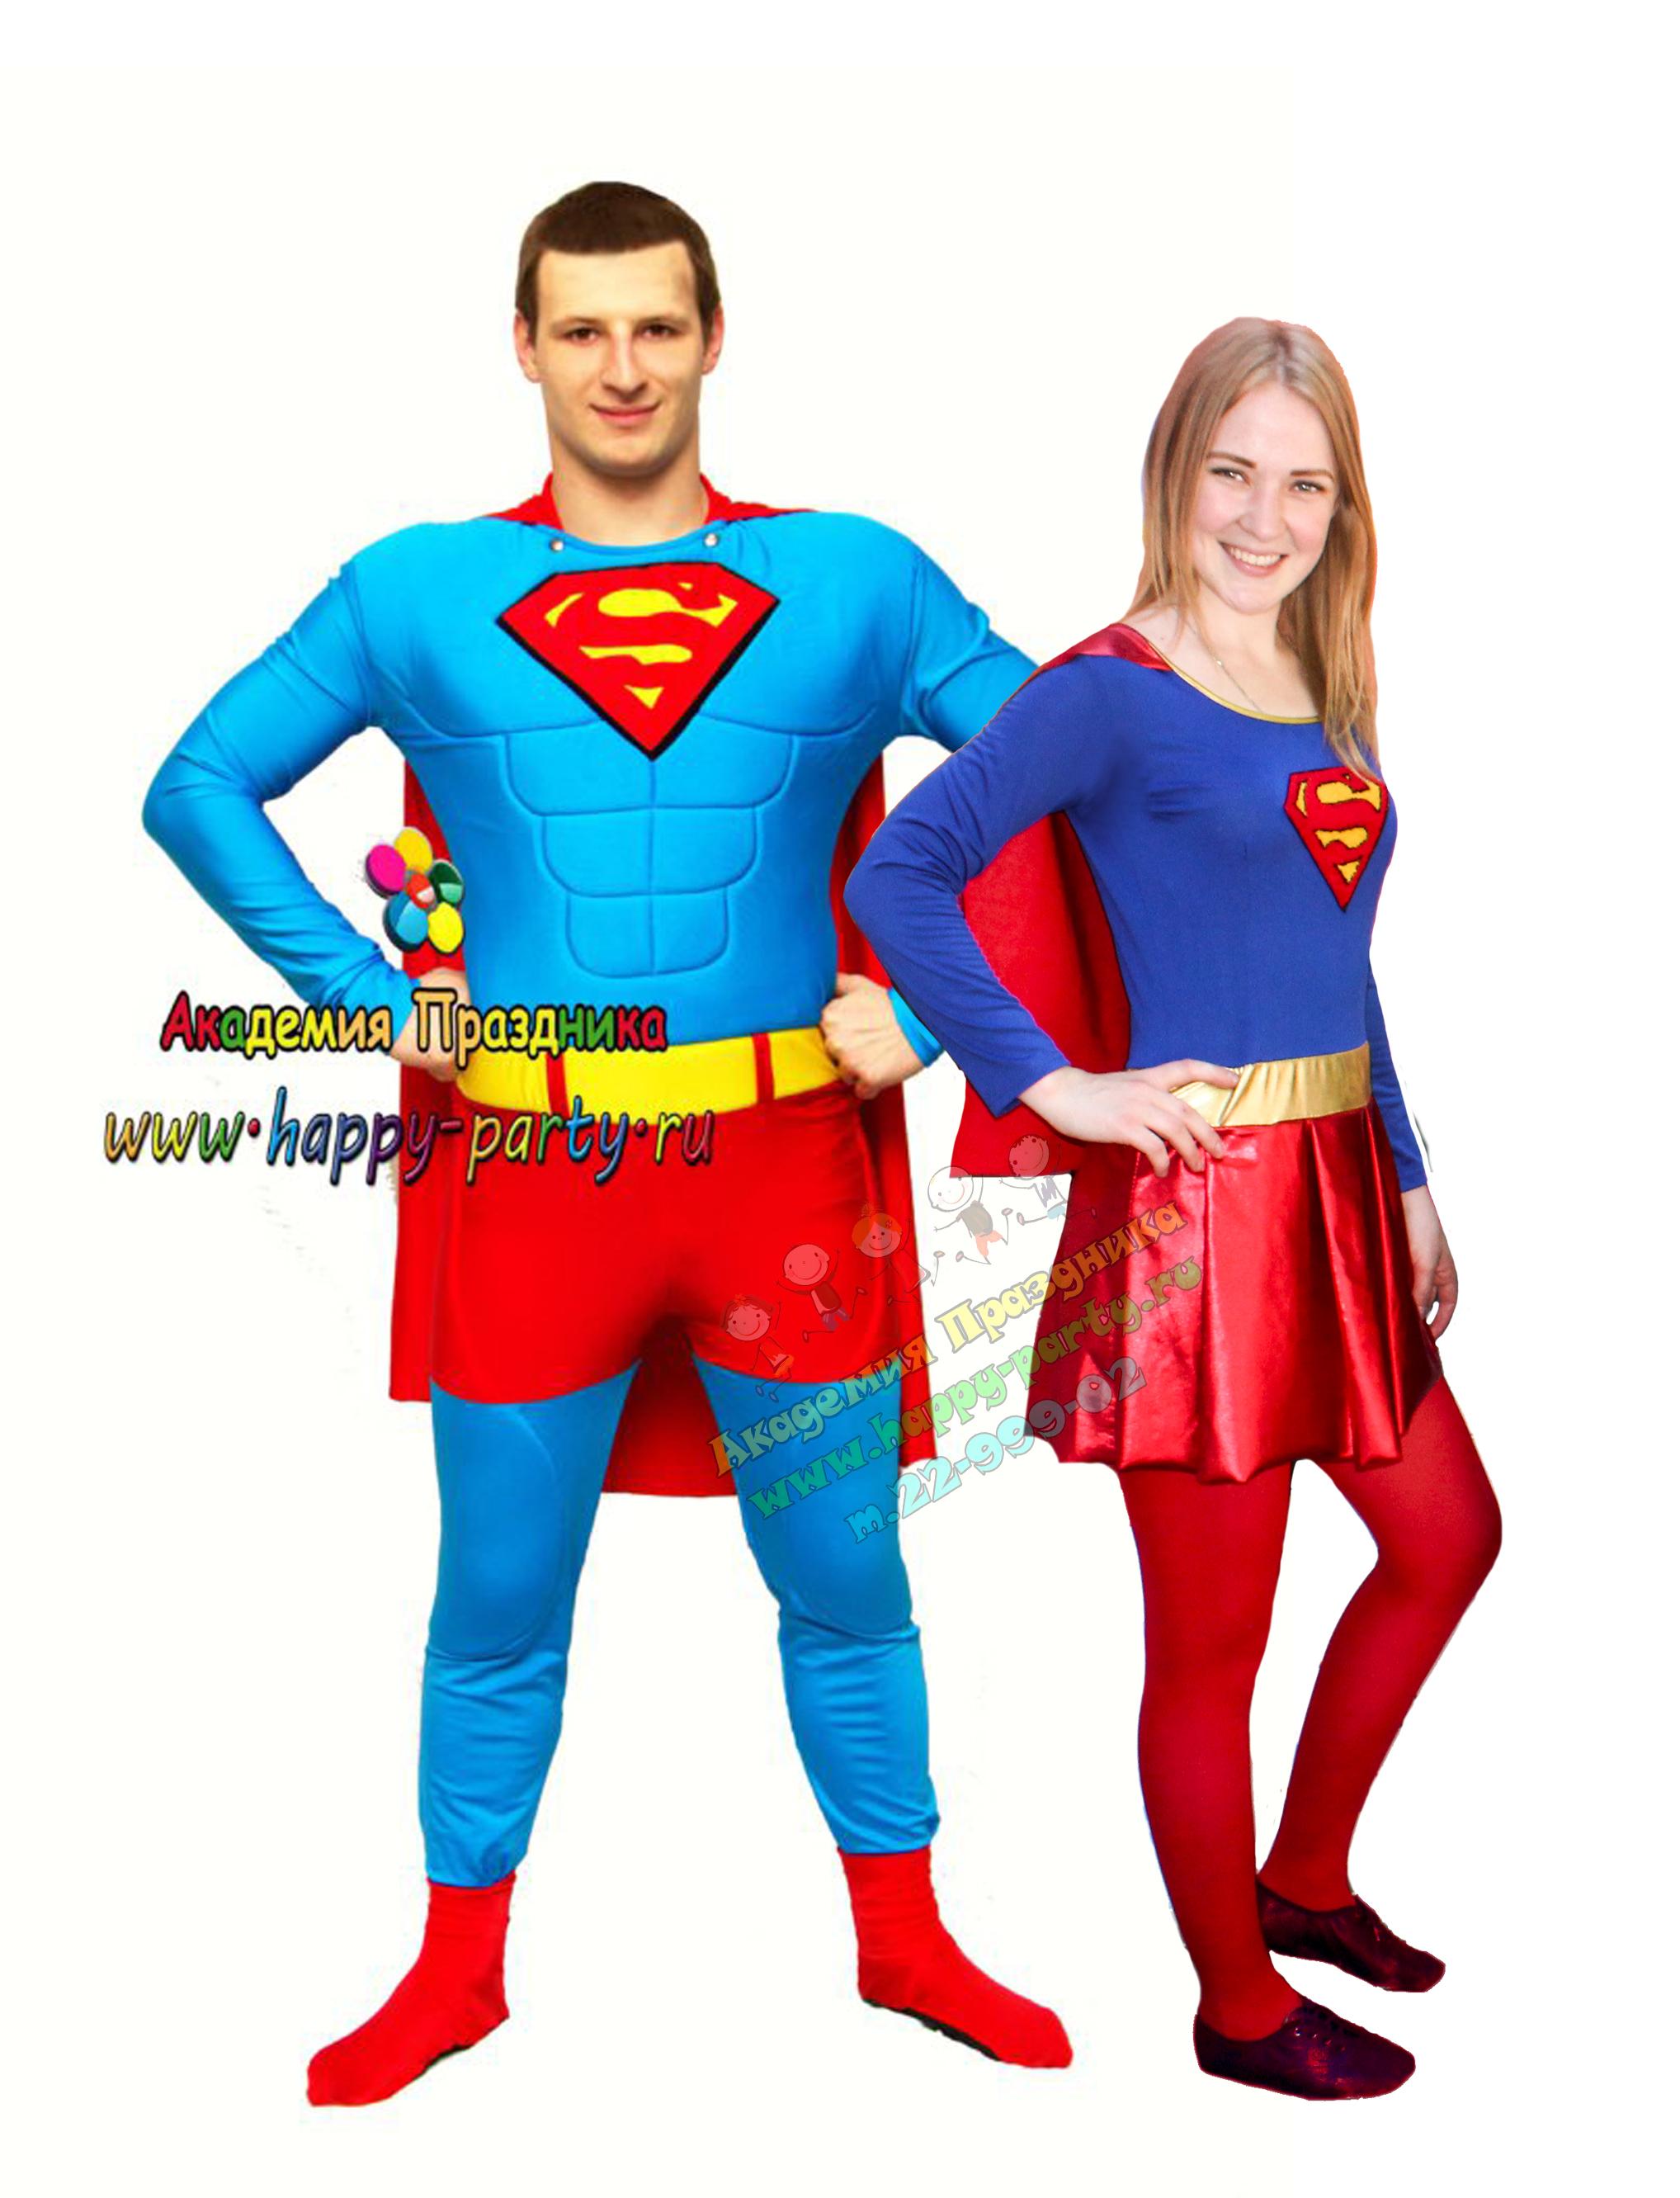 Аниматоры супергерл и супермен